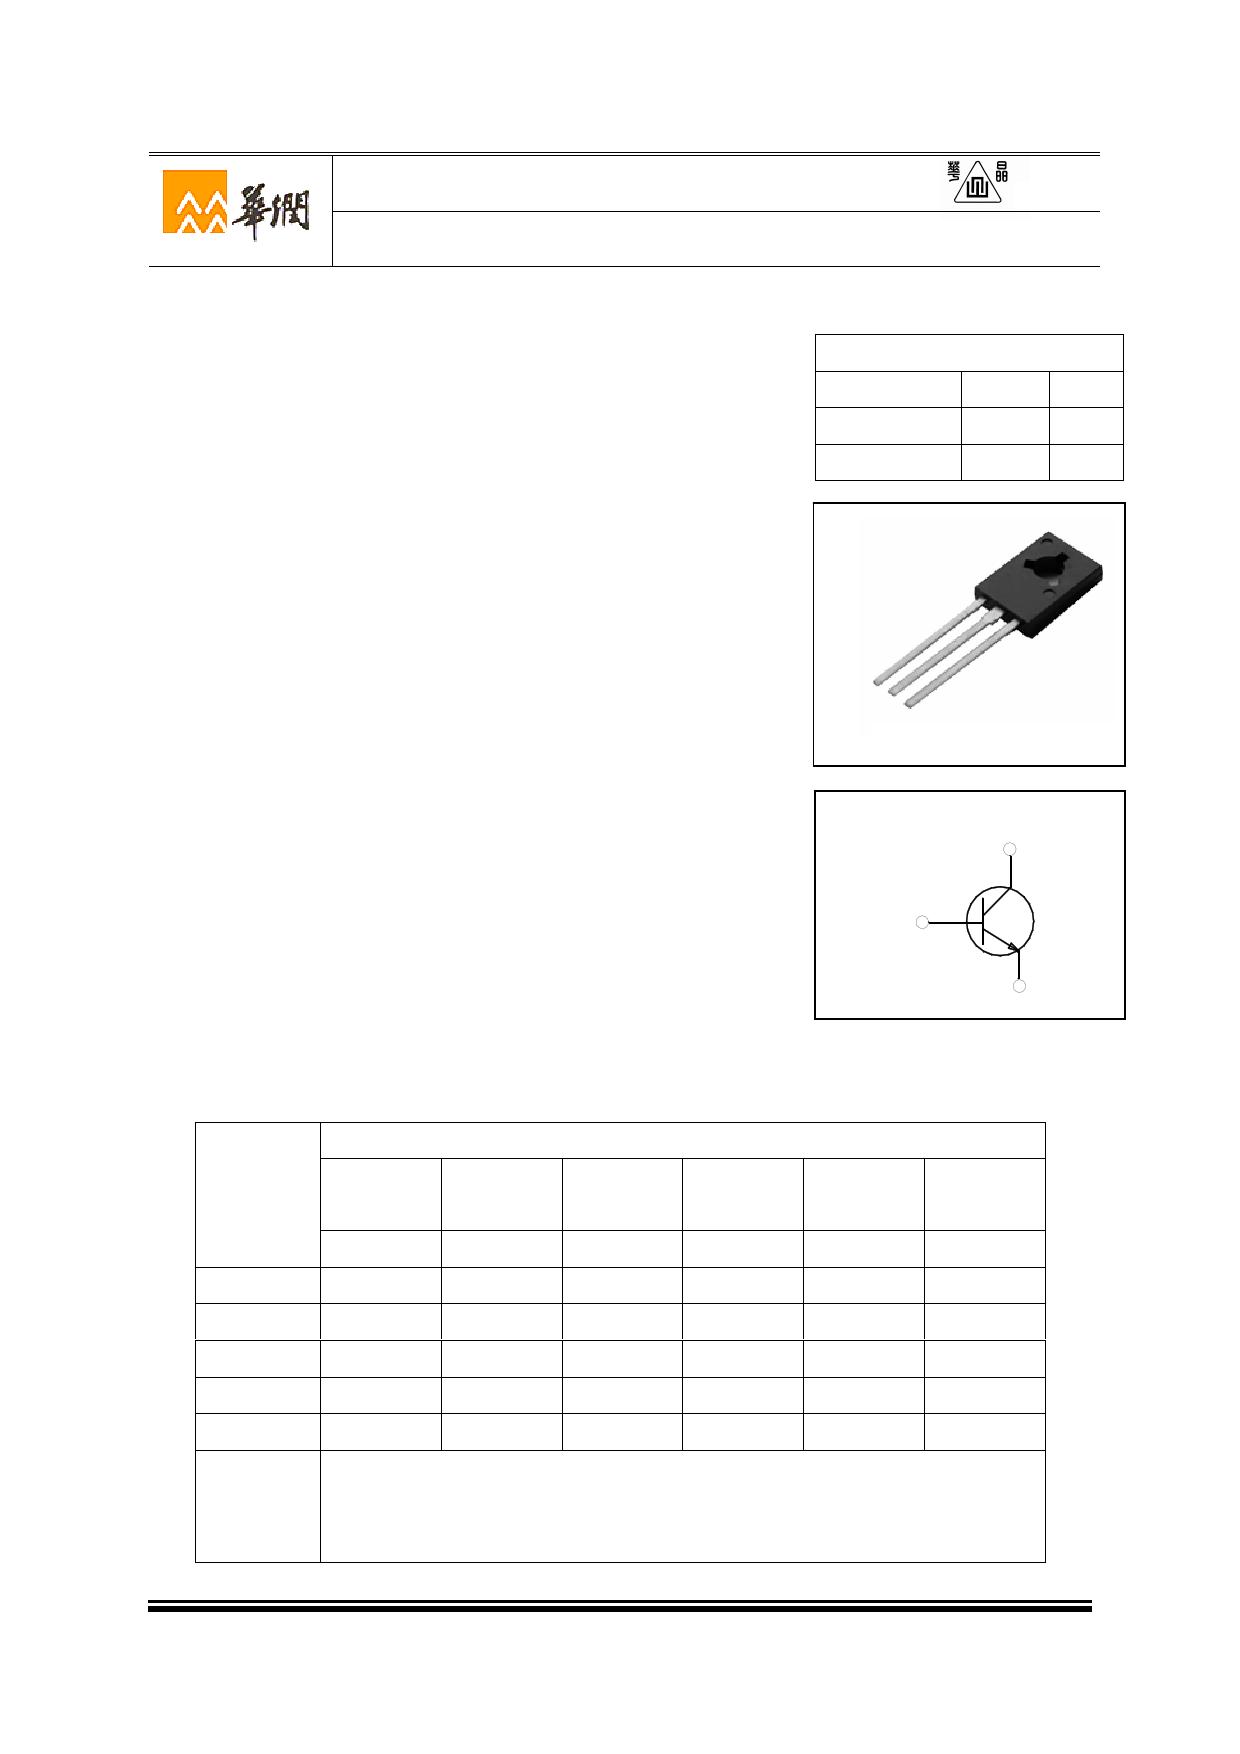 3DD3145A6 Datasheet, 3DD3145A6 PDF,ピン配置, 機能